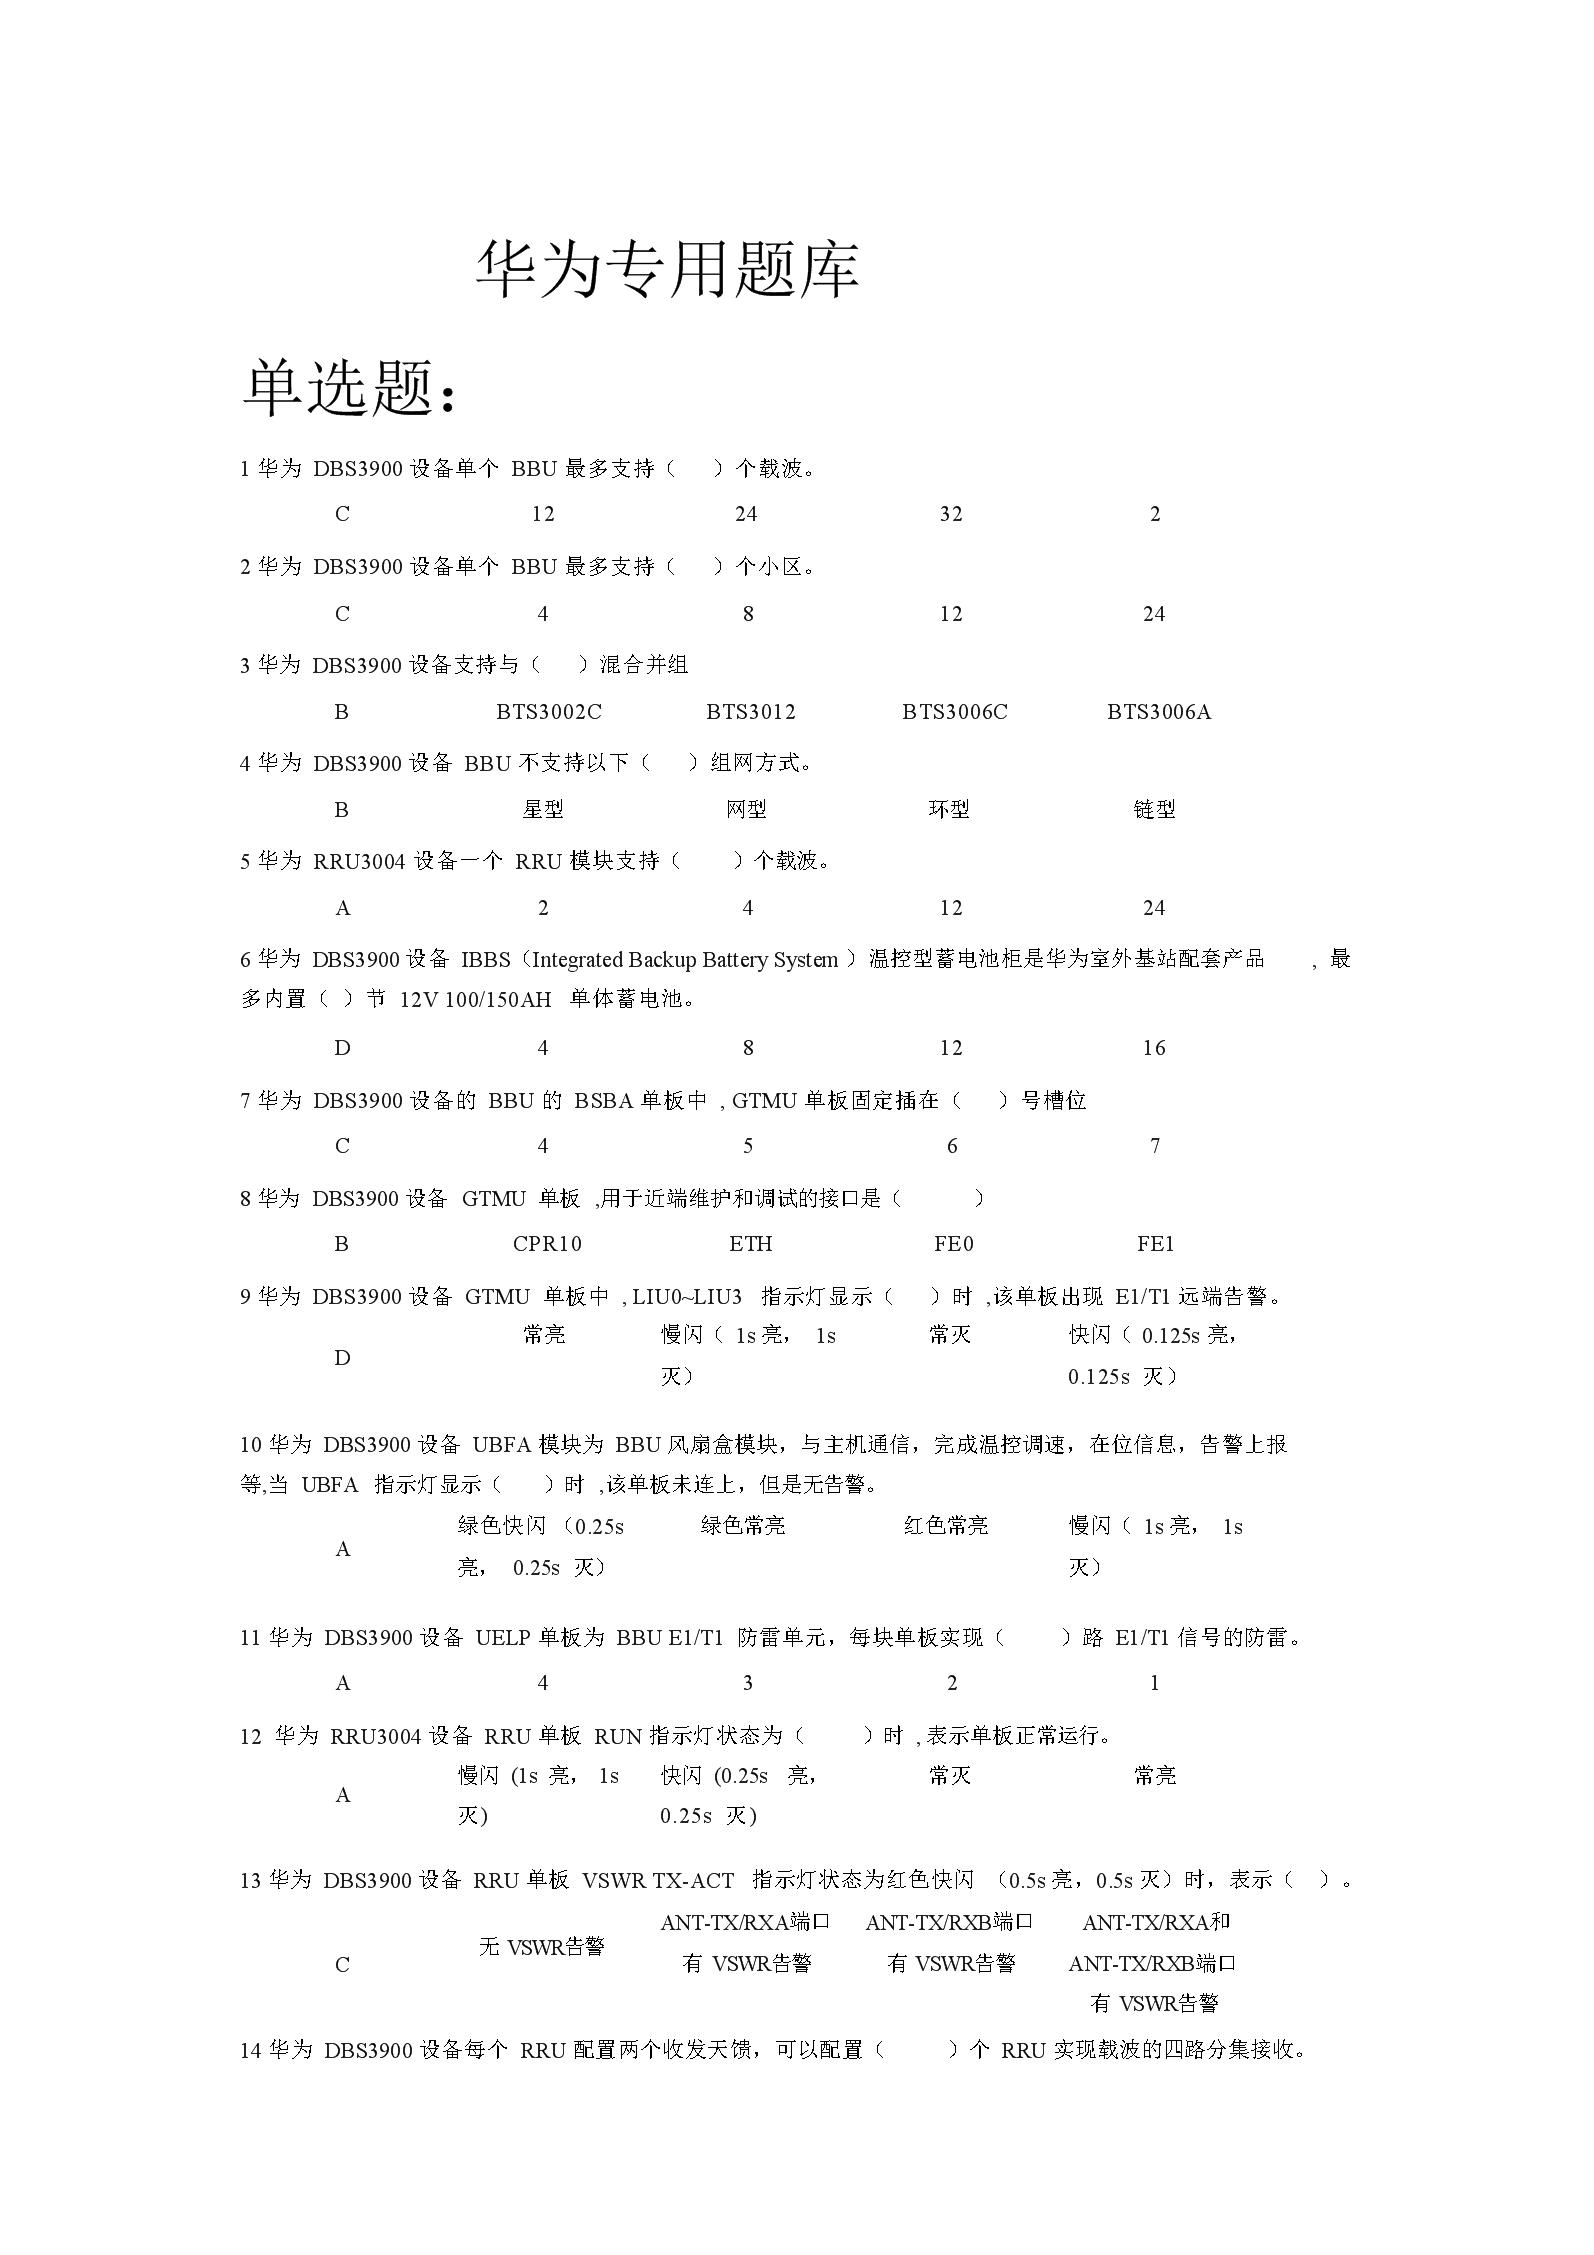 移动考试基站题库(华为专业知识).docx